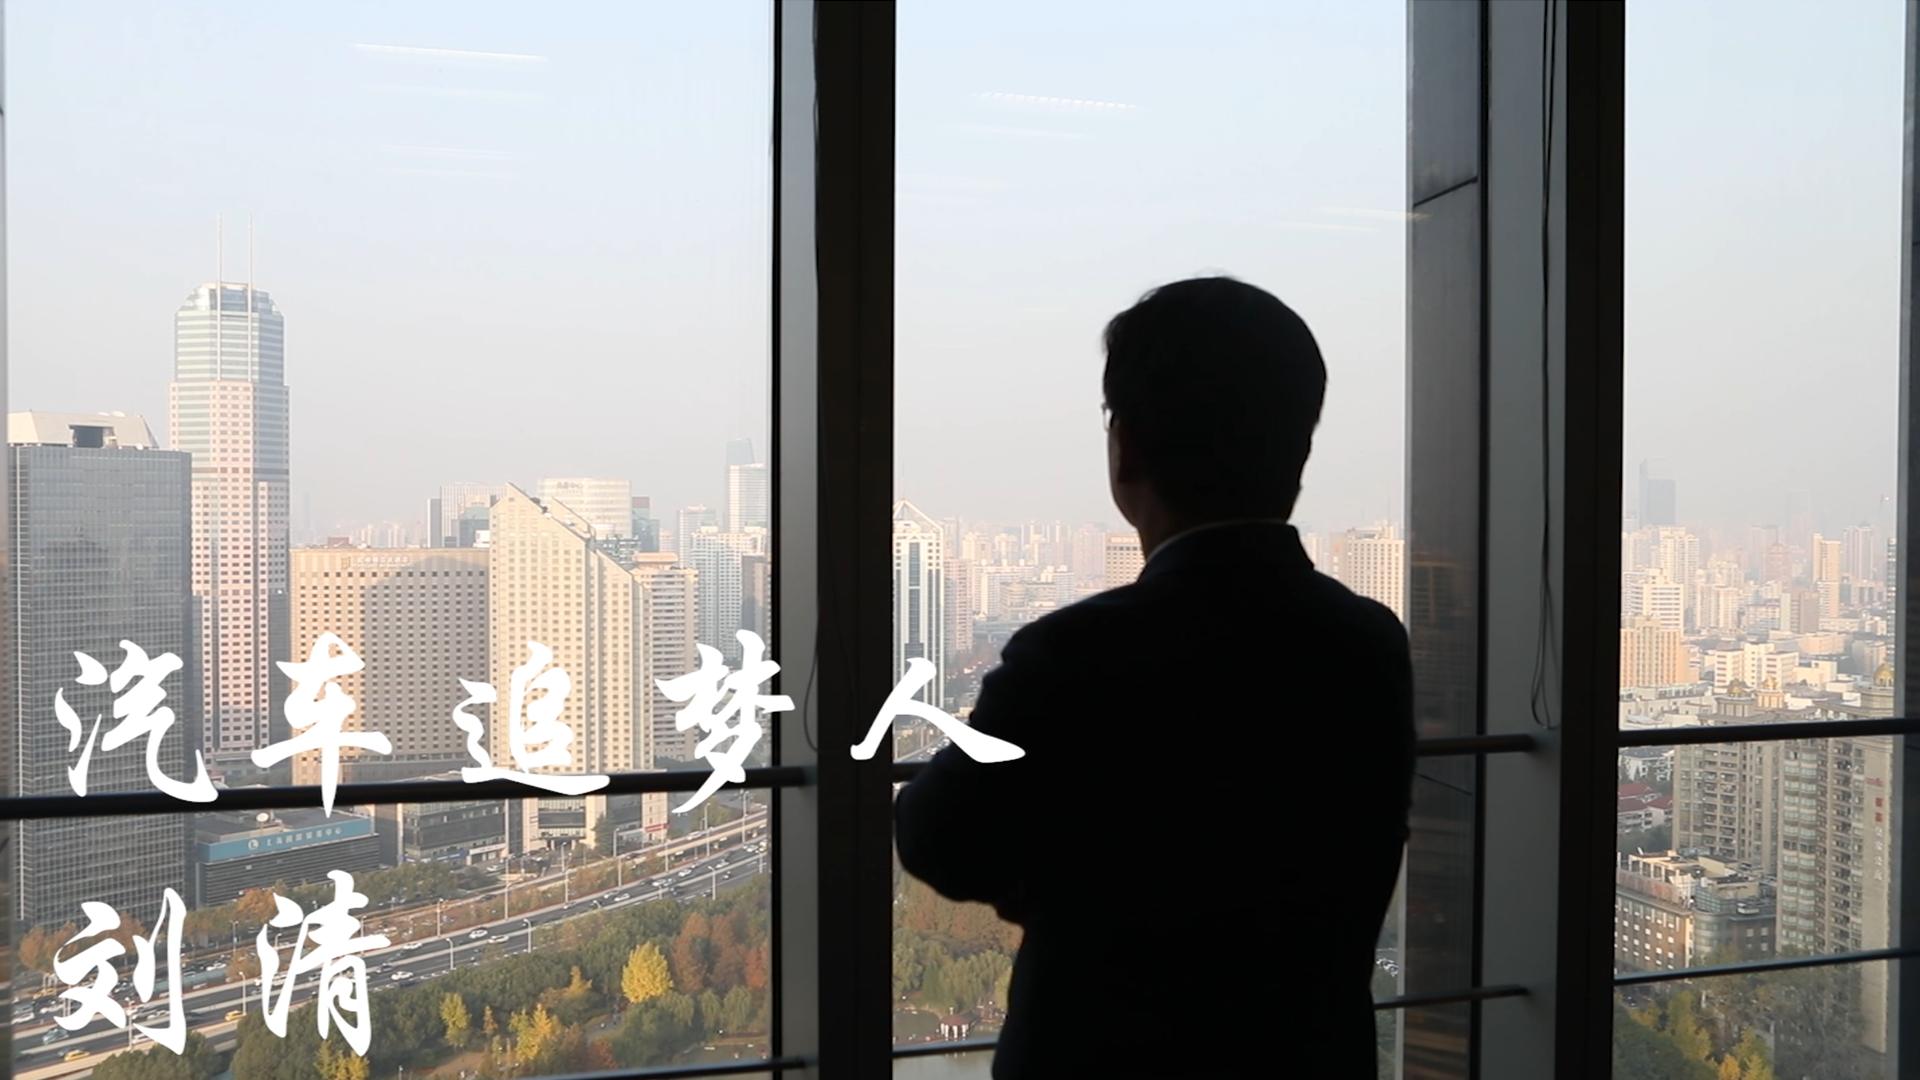 【汽车追梦人】轻量化是实现可持续绿色发展的必由之路—诺贝丽斯 刘清先生